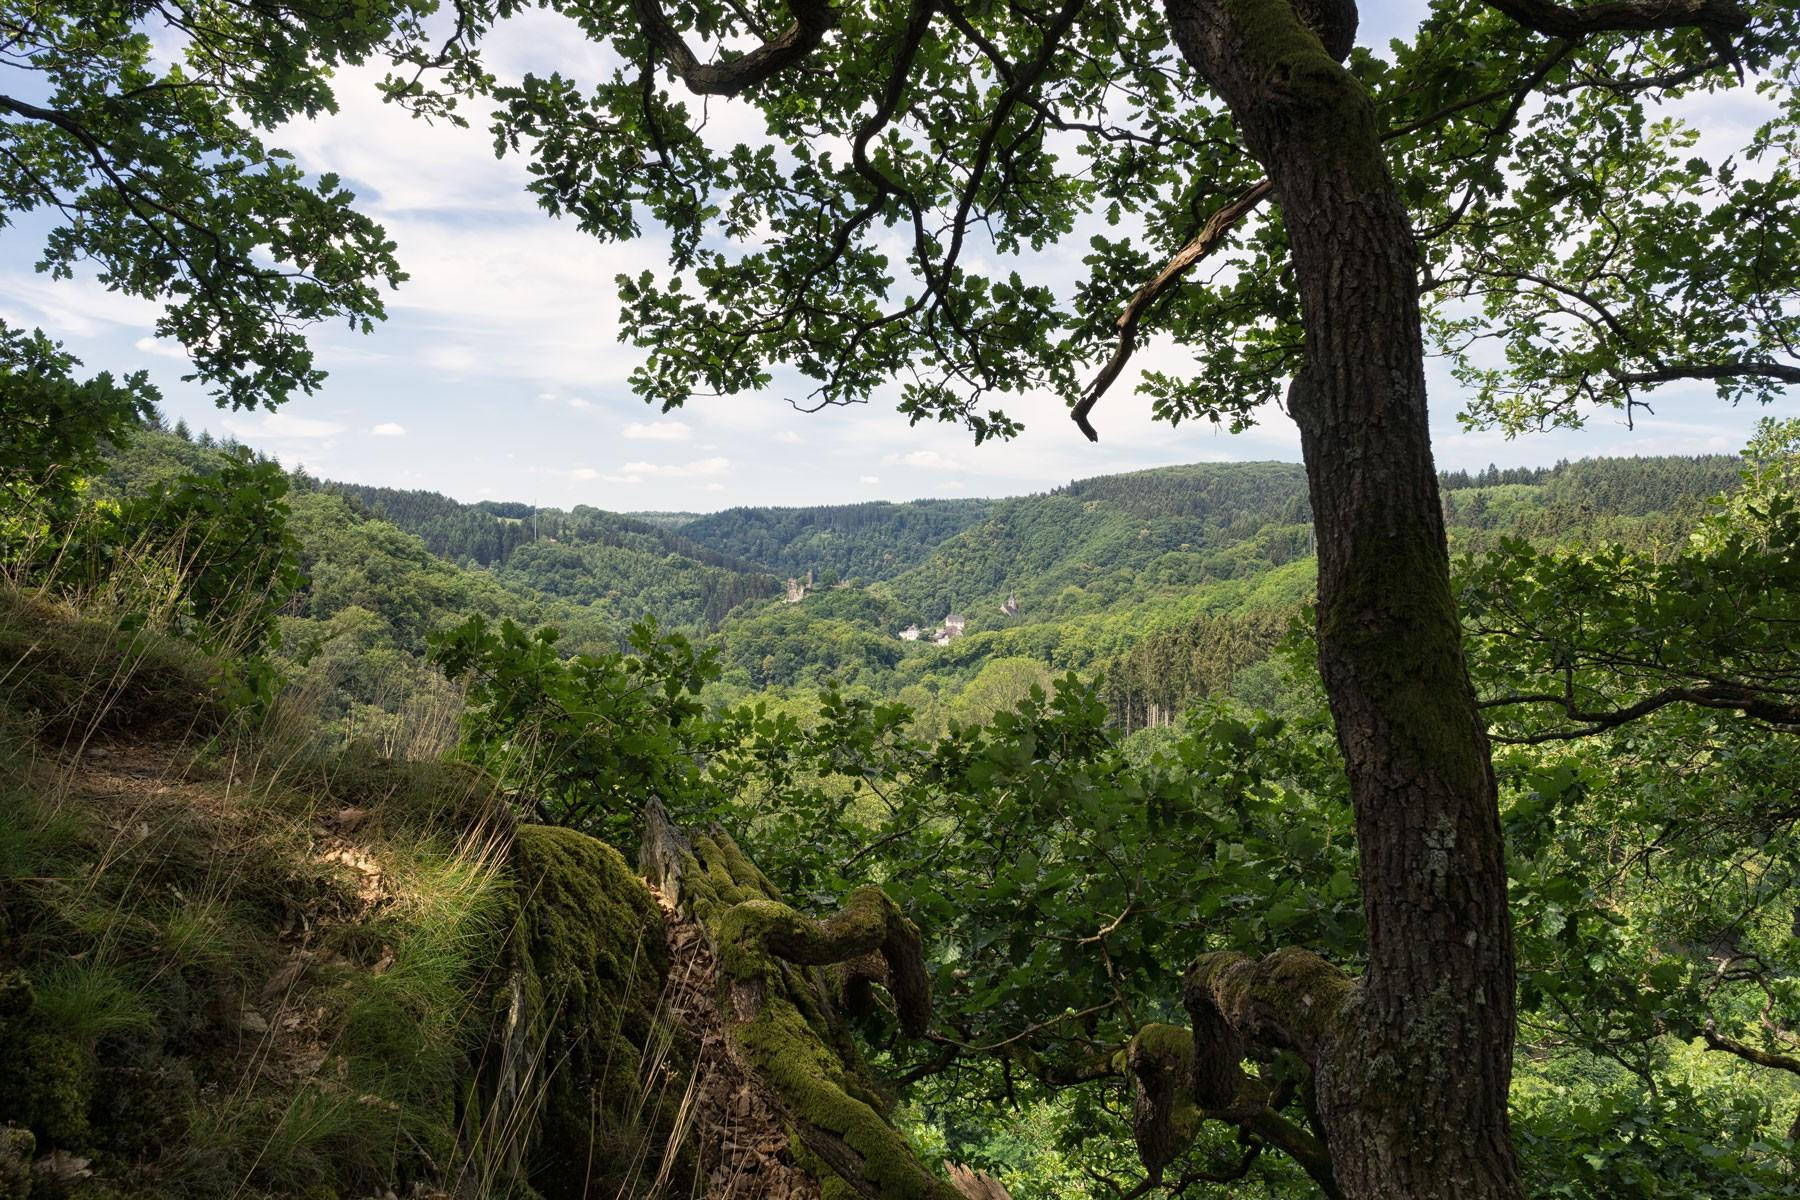 Georoute »Vom Teufelsberg zur Caaner Schweiz«